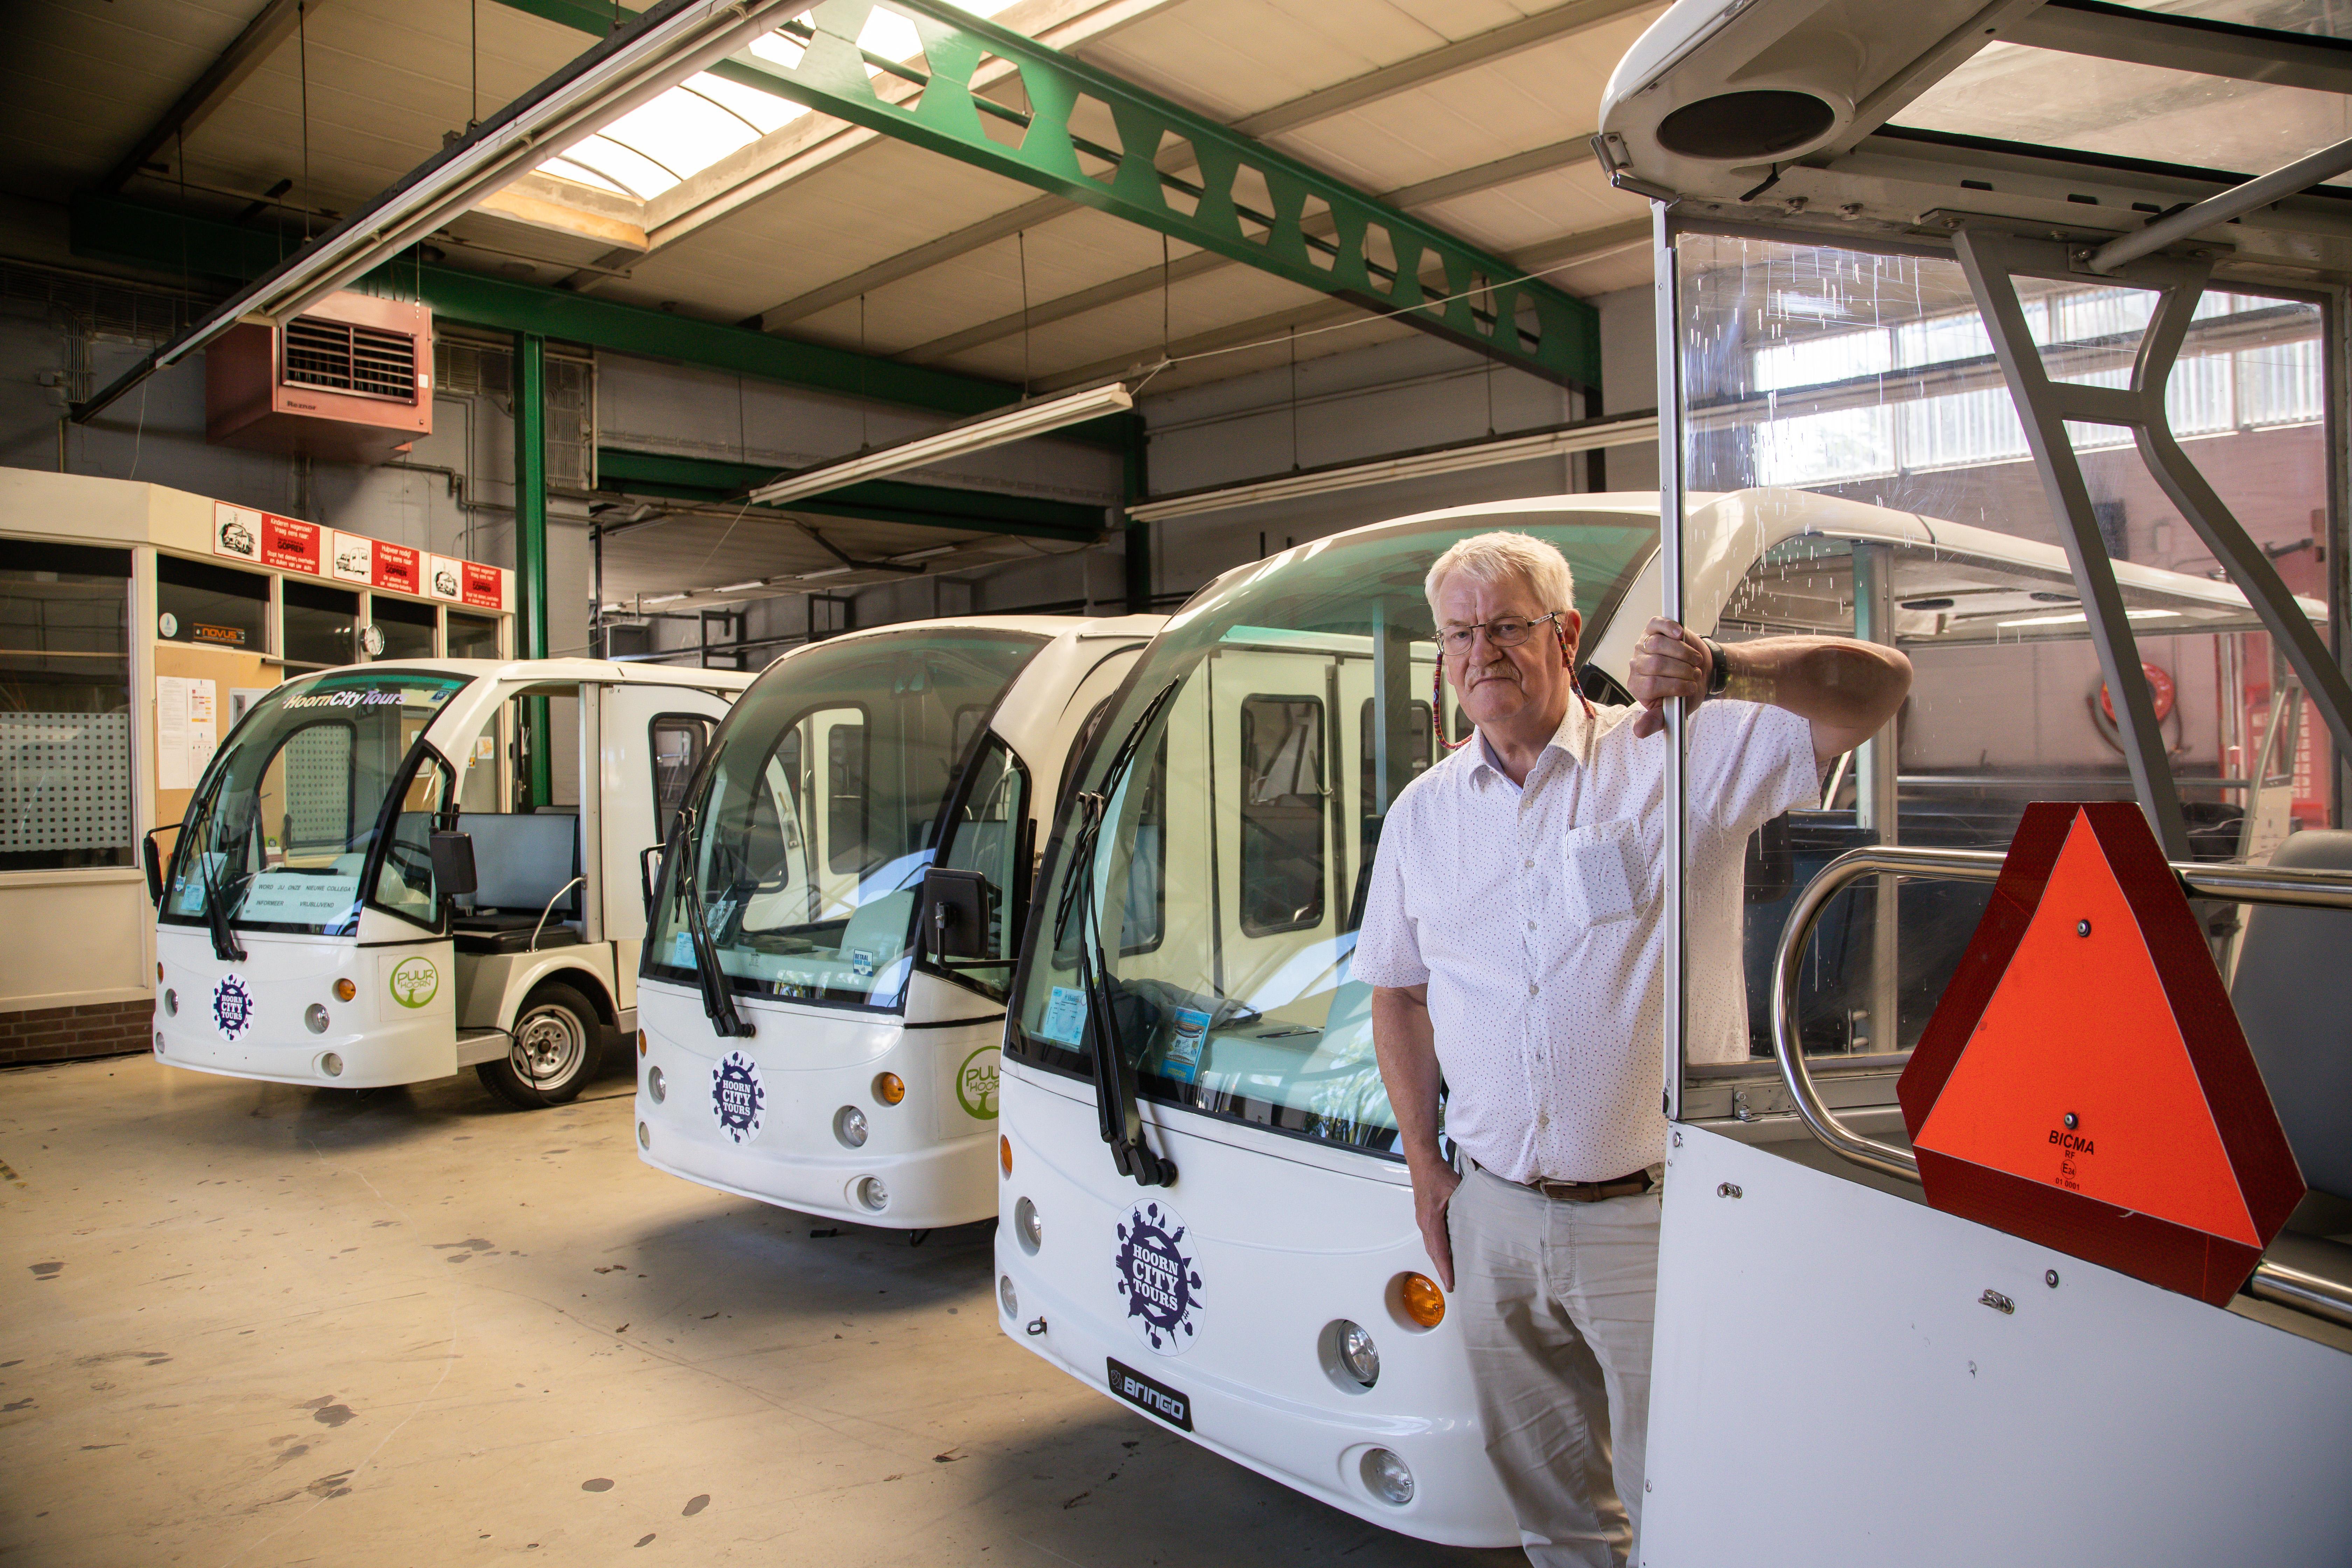 Elektrische busjes Hoorn City Tours mogen niet meer rijden: 'Een drama'